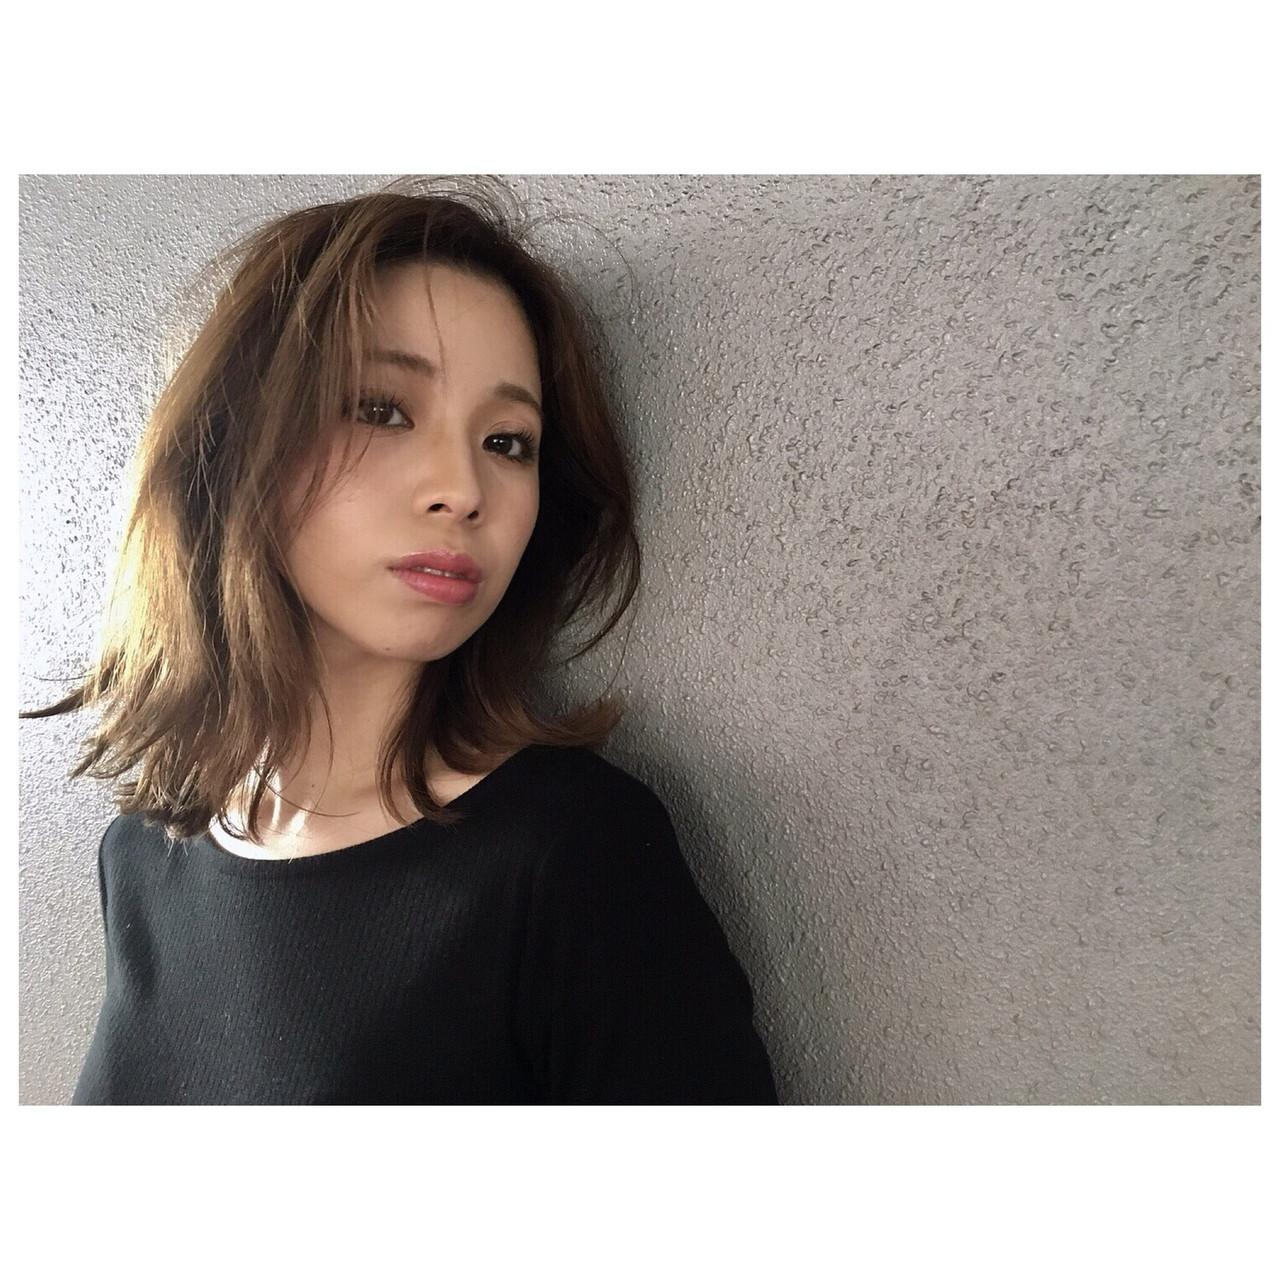 大人カジュアル ルーズヘア アッシュグレージュ ミディアム ヘアスタイルや髪型の写真・画像   Yumi Hiramatsu / Sourire Imaizumi【スーリール イマイズミ】